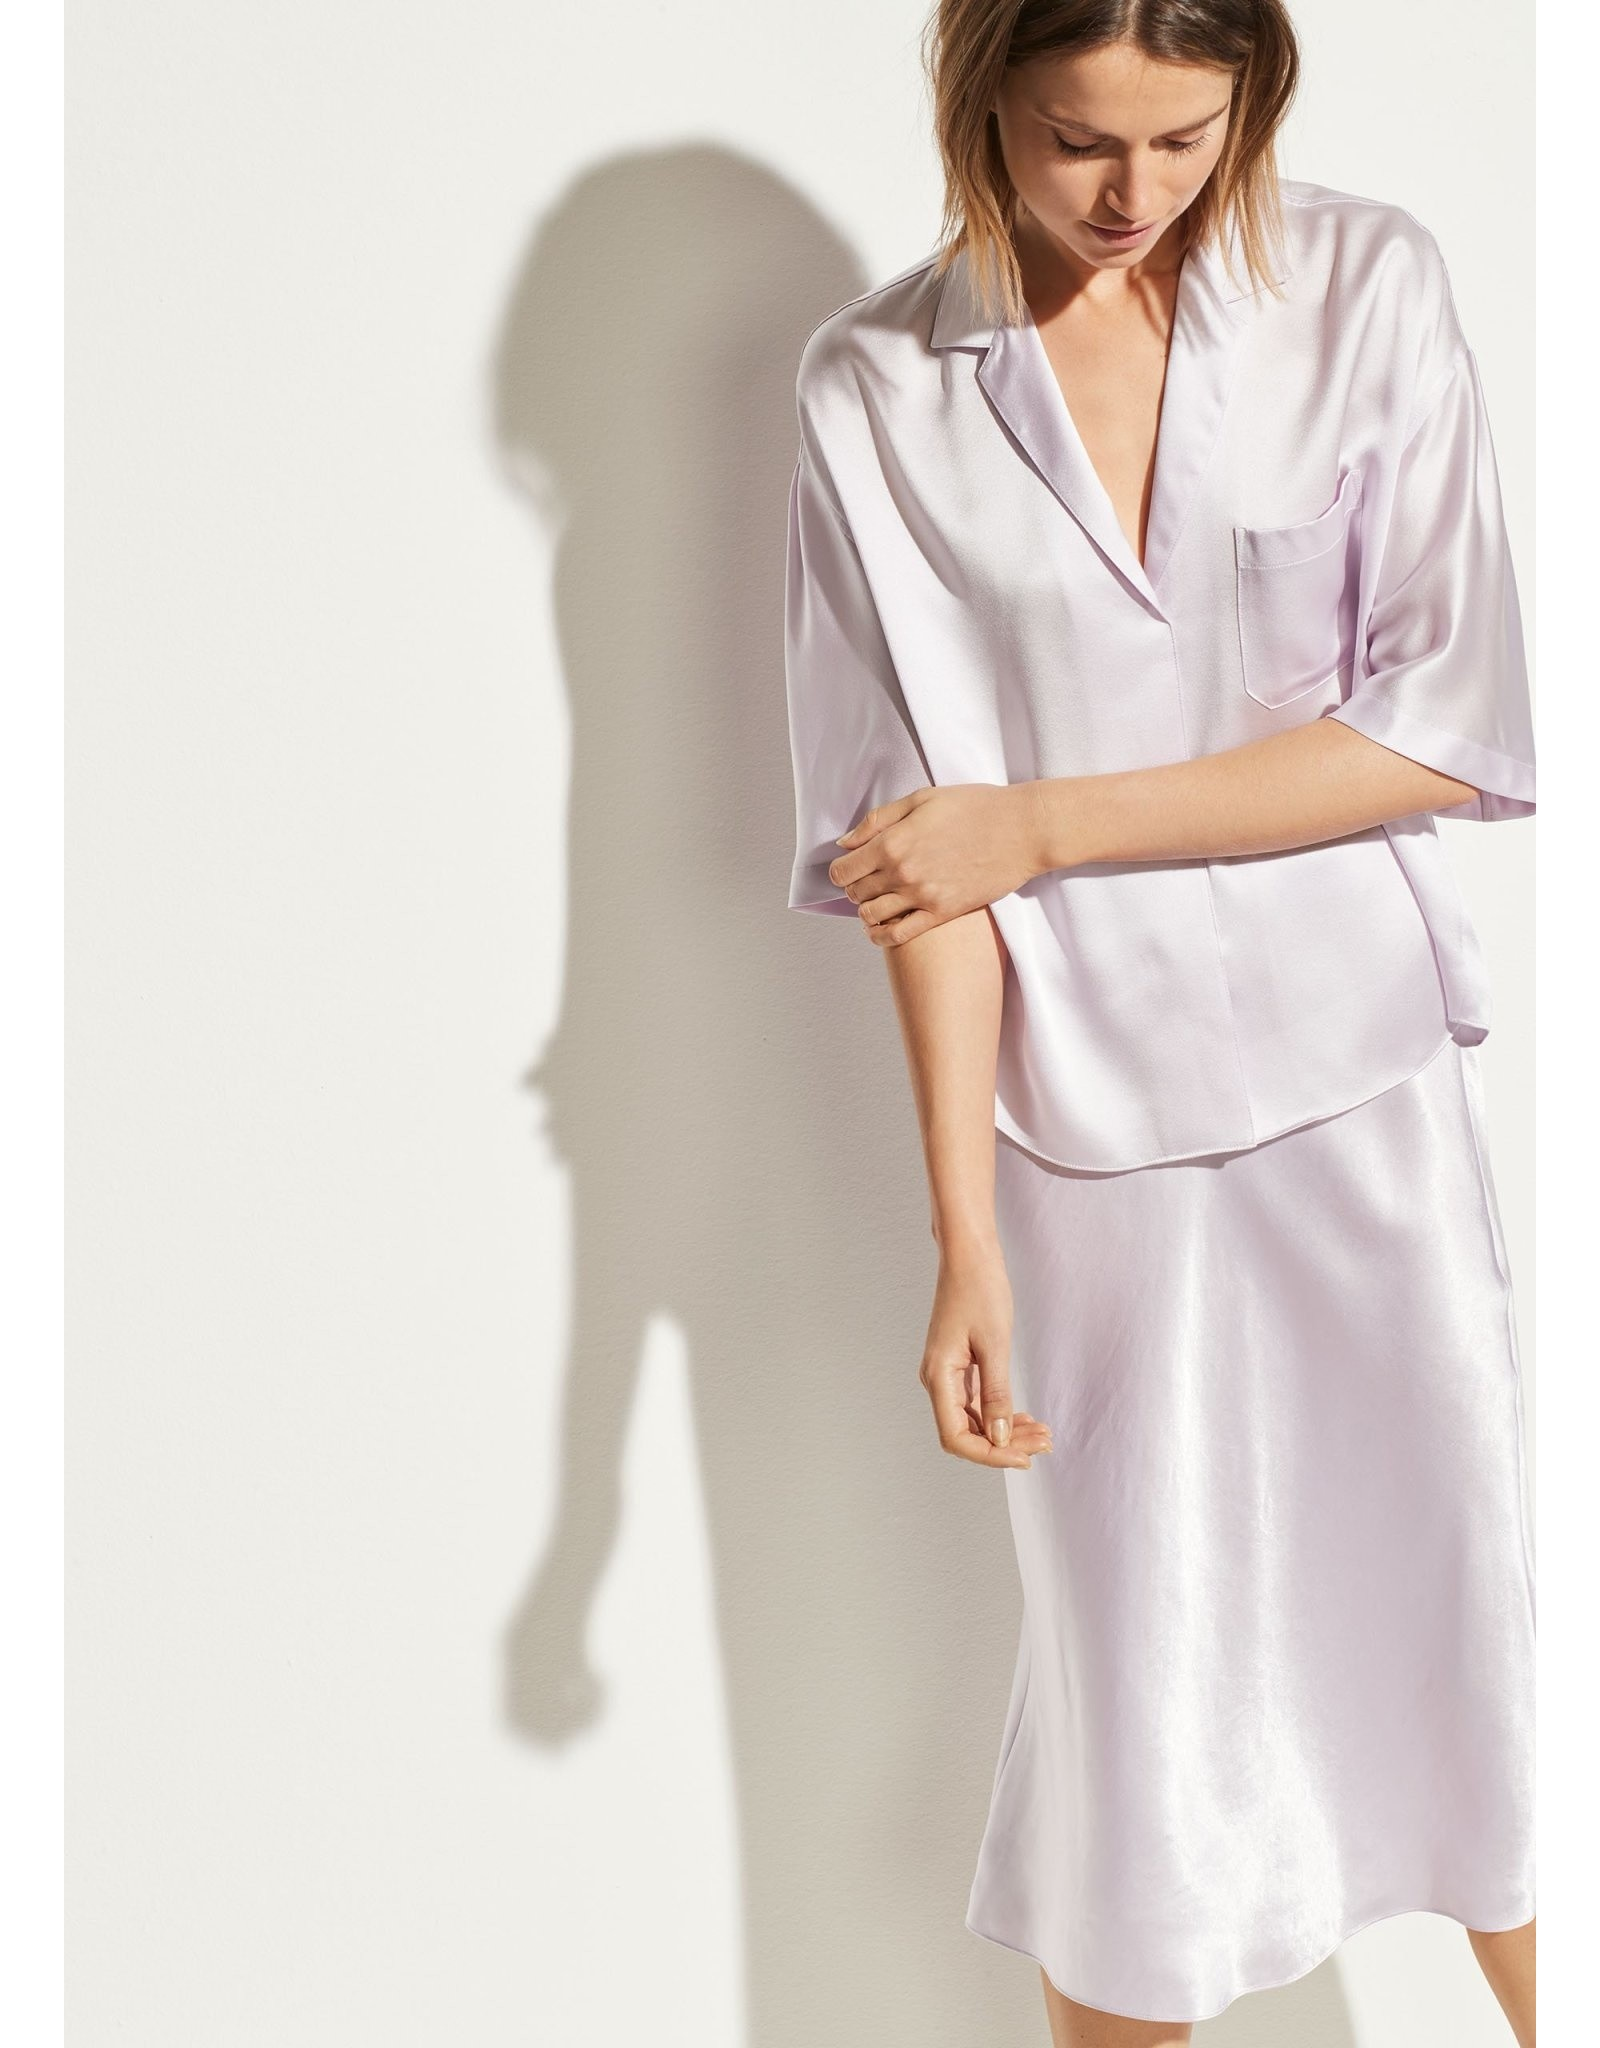 Vince Iris Pajama Top